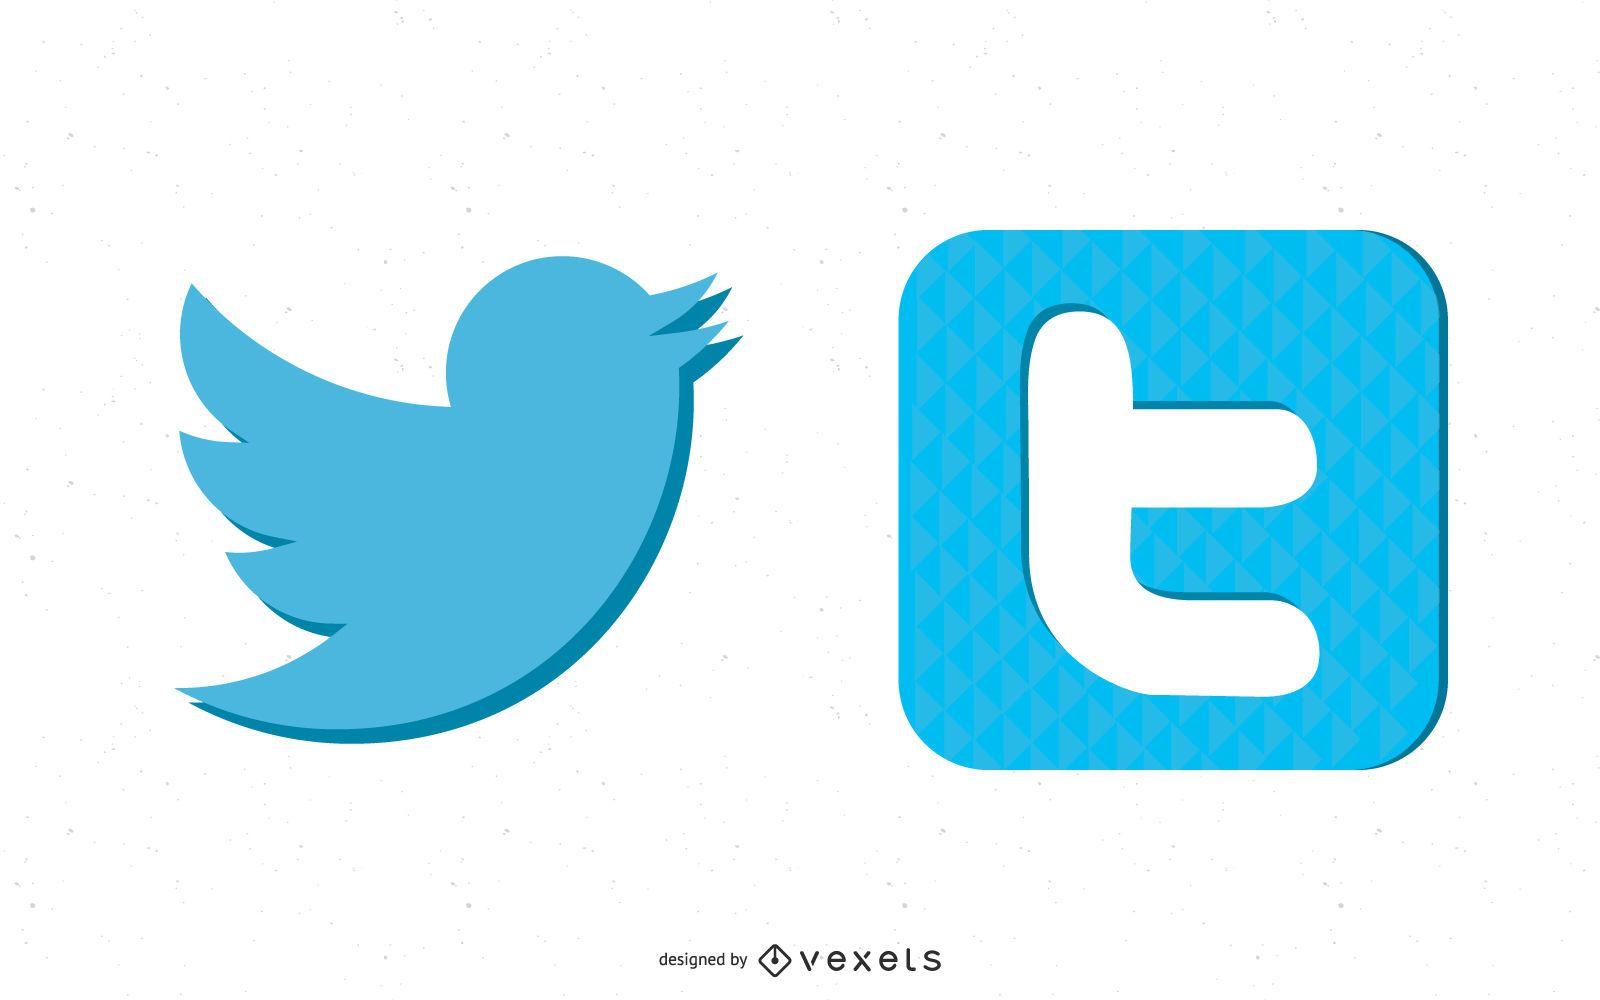 2 fantastische Twitter-Symbole